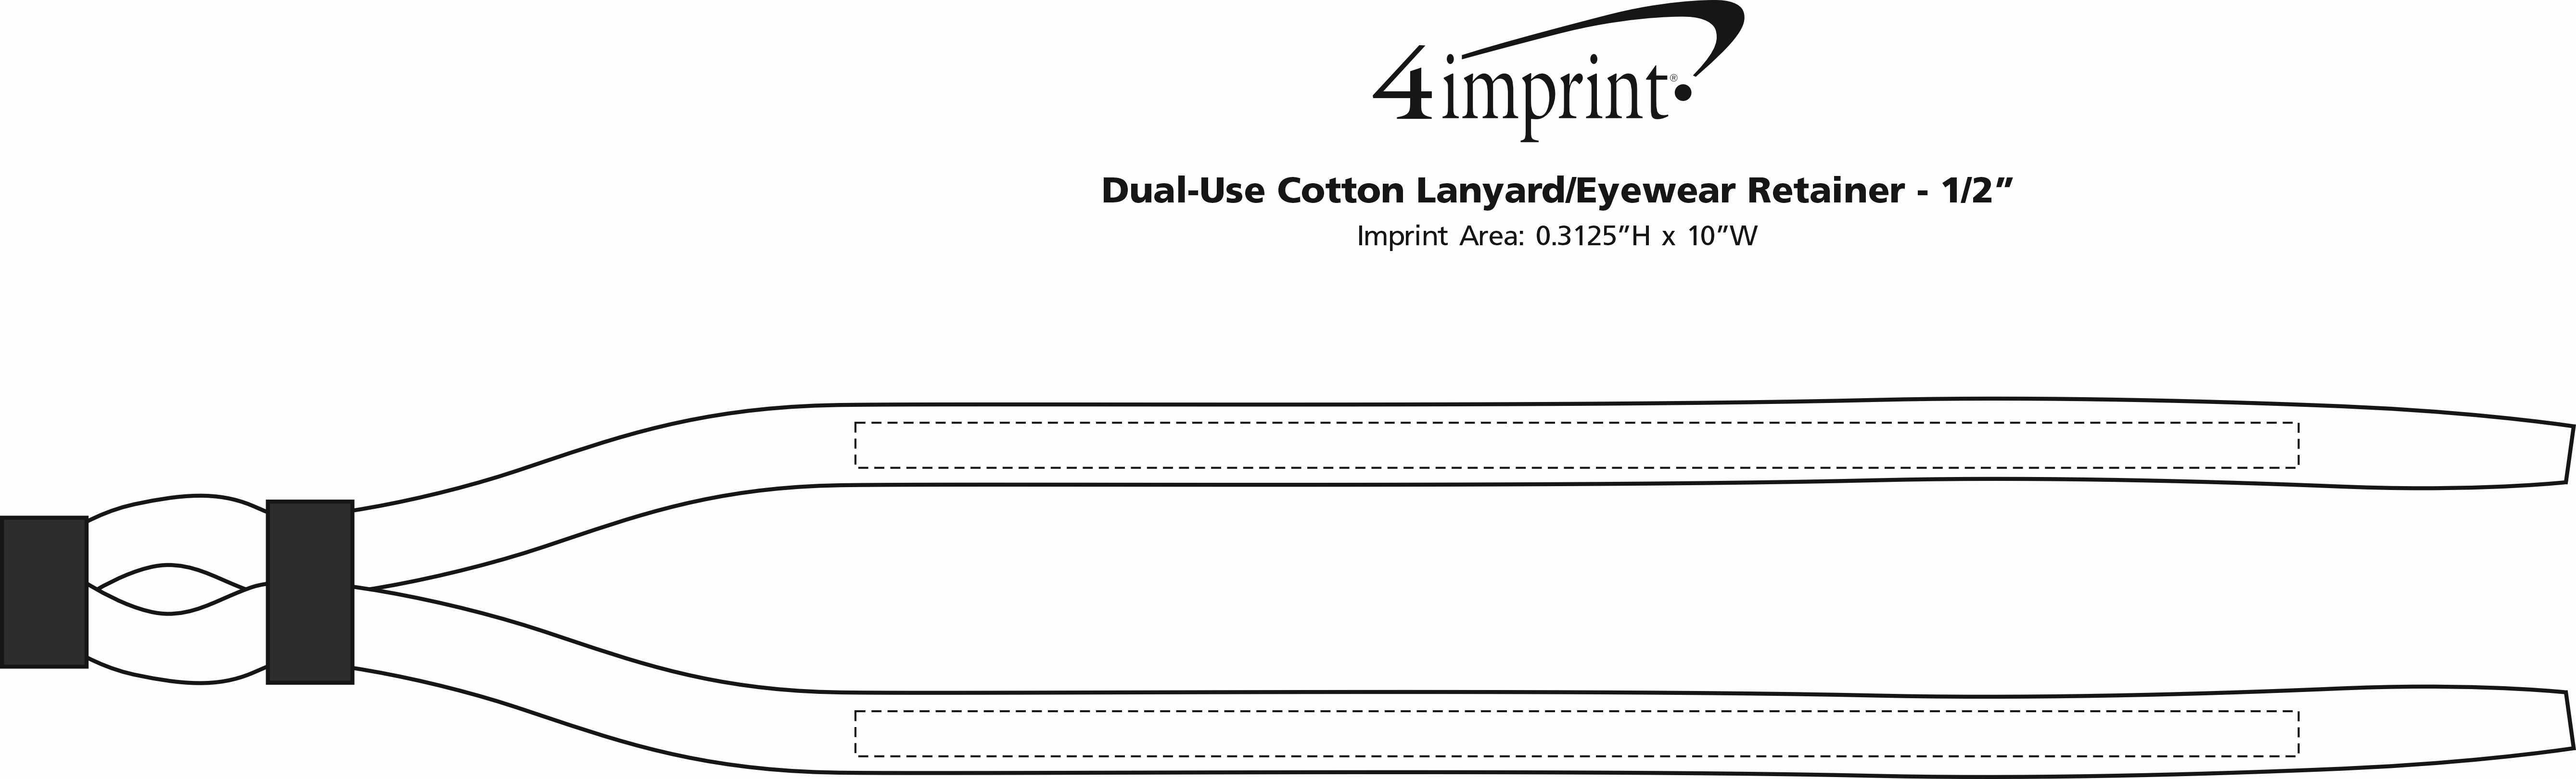 """Imprint Area of Dual-Use Cotton Lanyard/Eyewear Retainer - 1/2"""""""